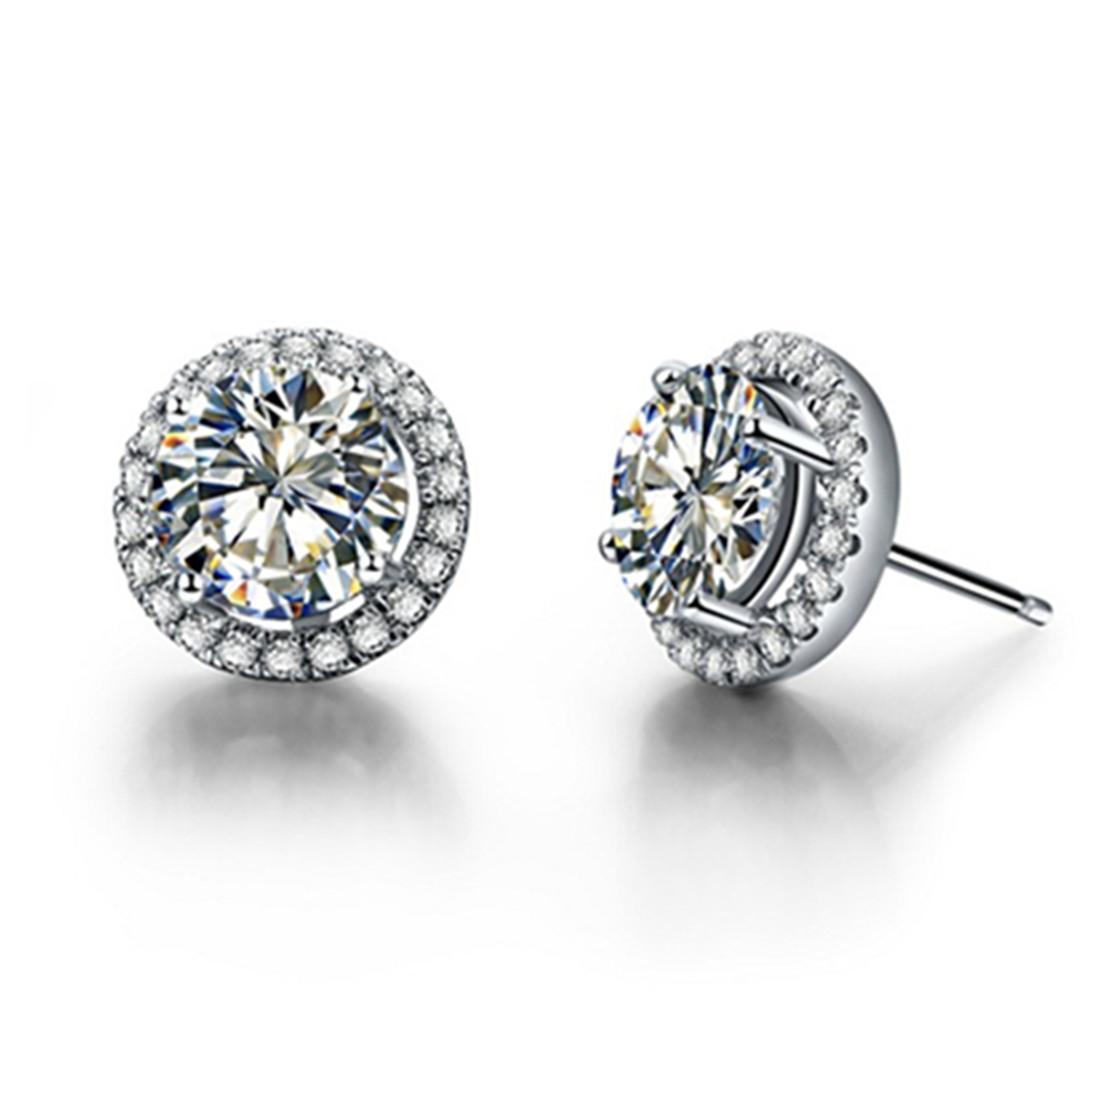 ممتاز هالو NSCD الاصطناعية أقراط الماس عشيق النساء المشاركة مجوهرات أقراط فضة في 18K الذهب الأبيض مطلي PT950 مختوم